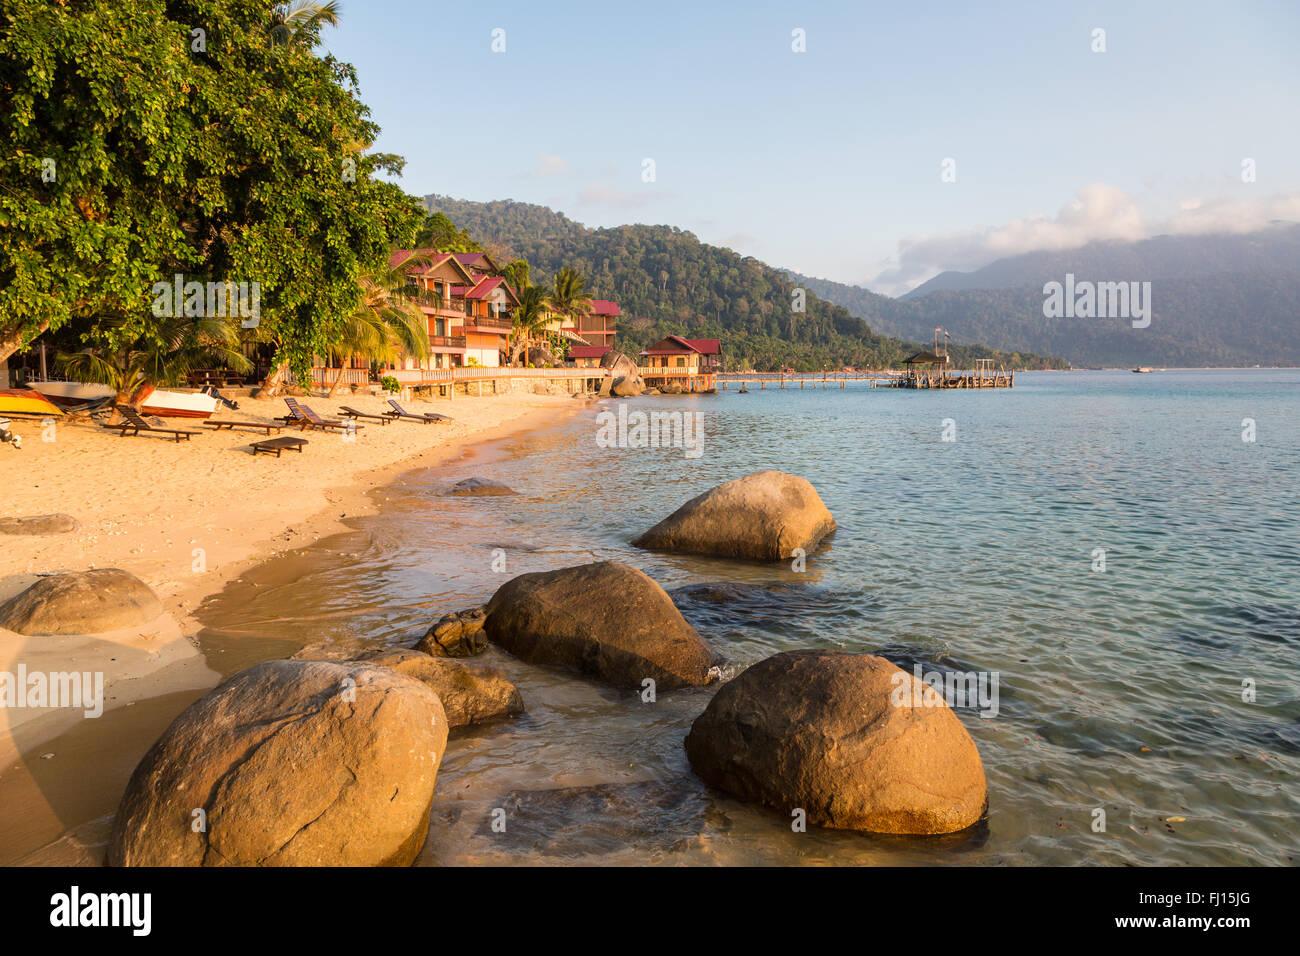 Sedie a sdraio su una spiaggia di Pulau Tioman, Malaysia Immagini Stock